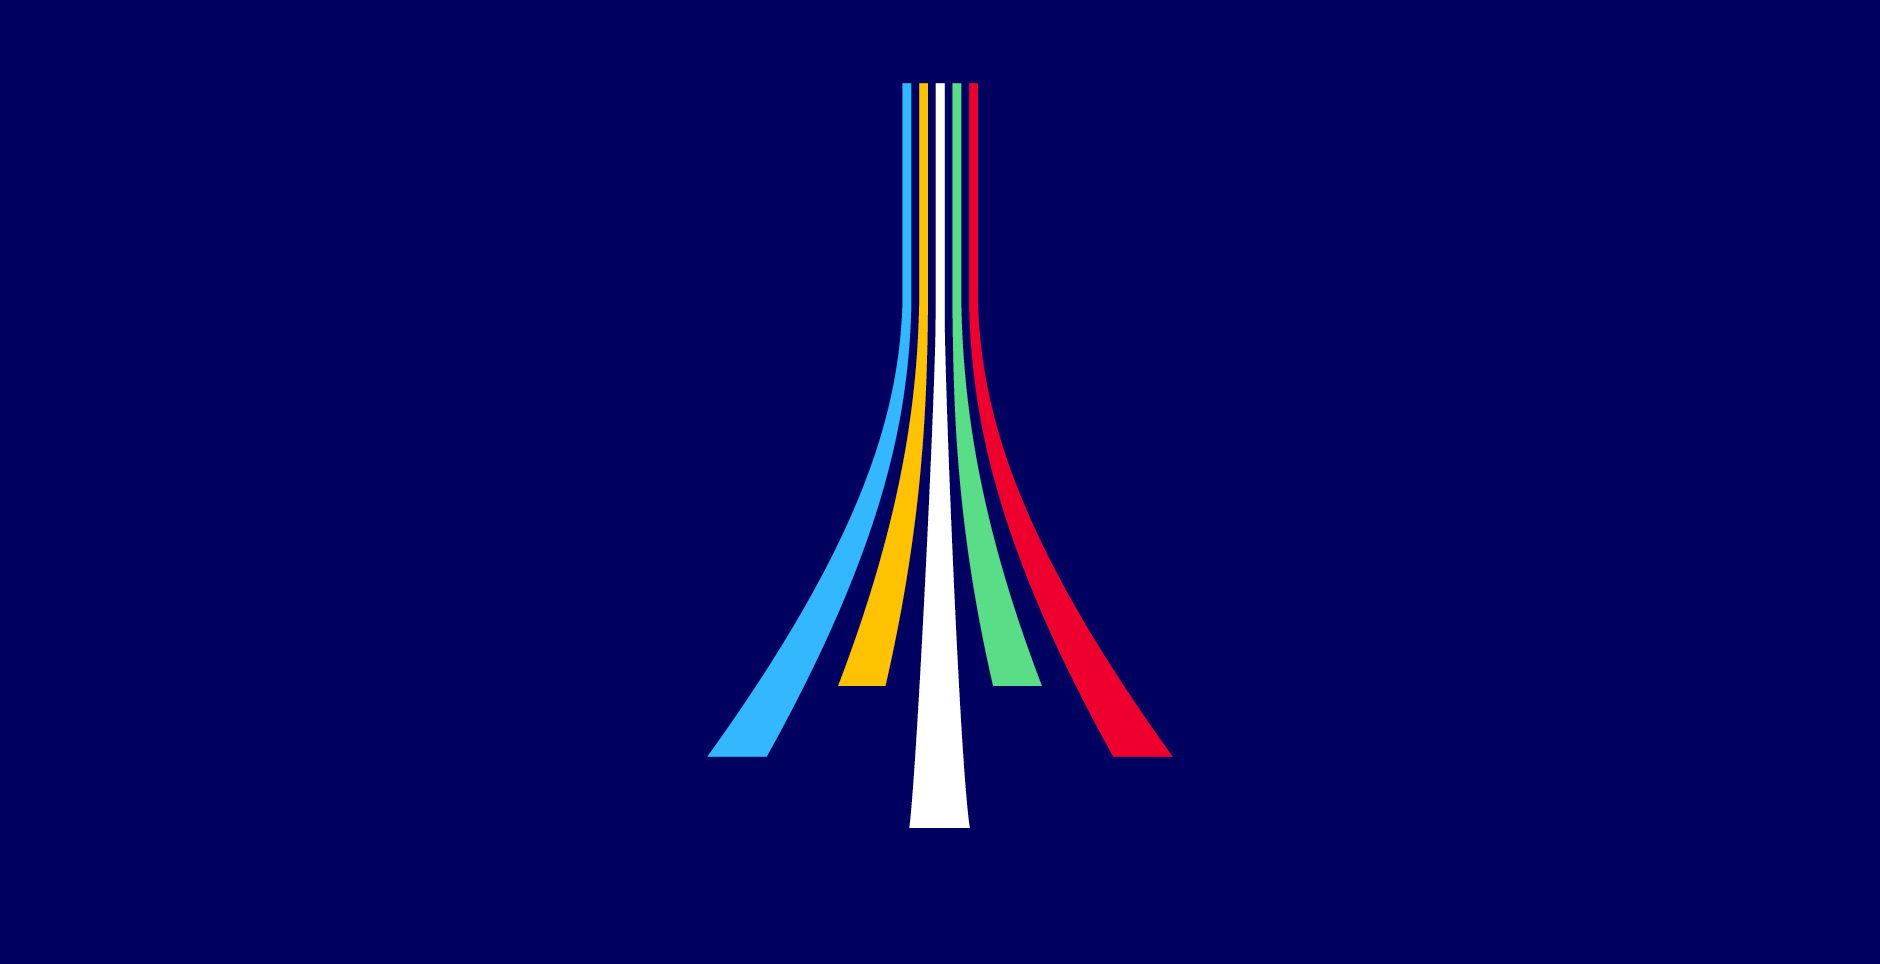 Jeux Olympiques logotype